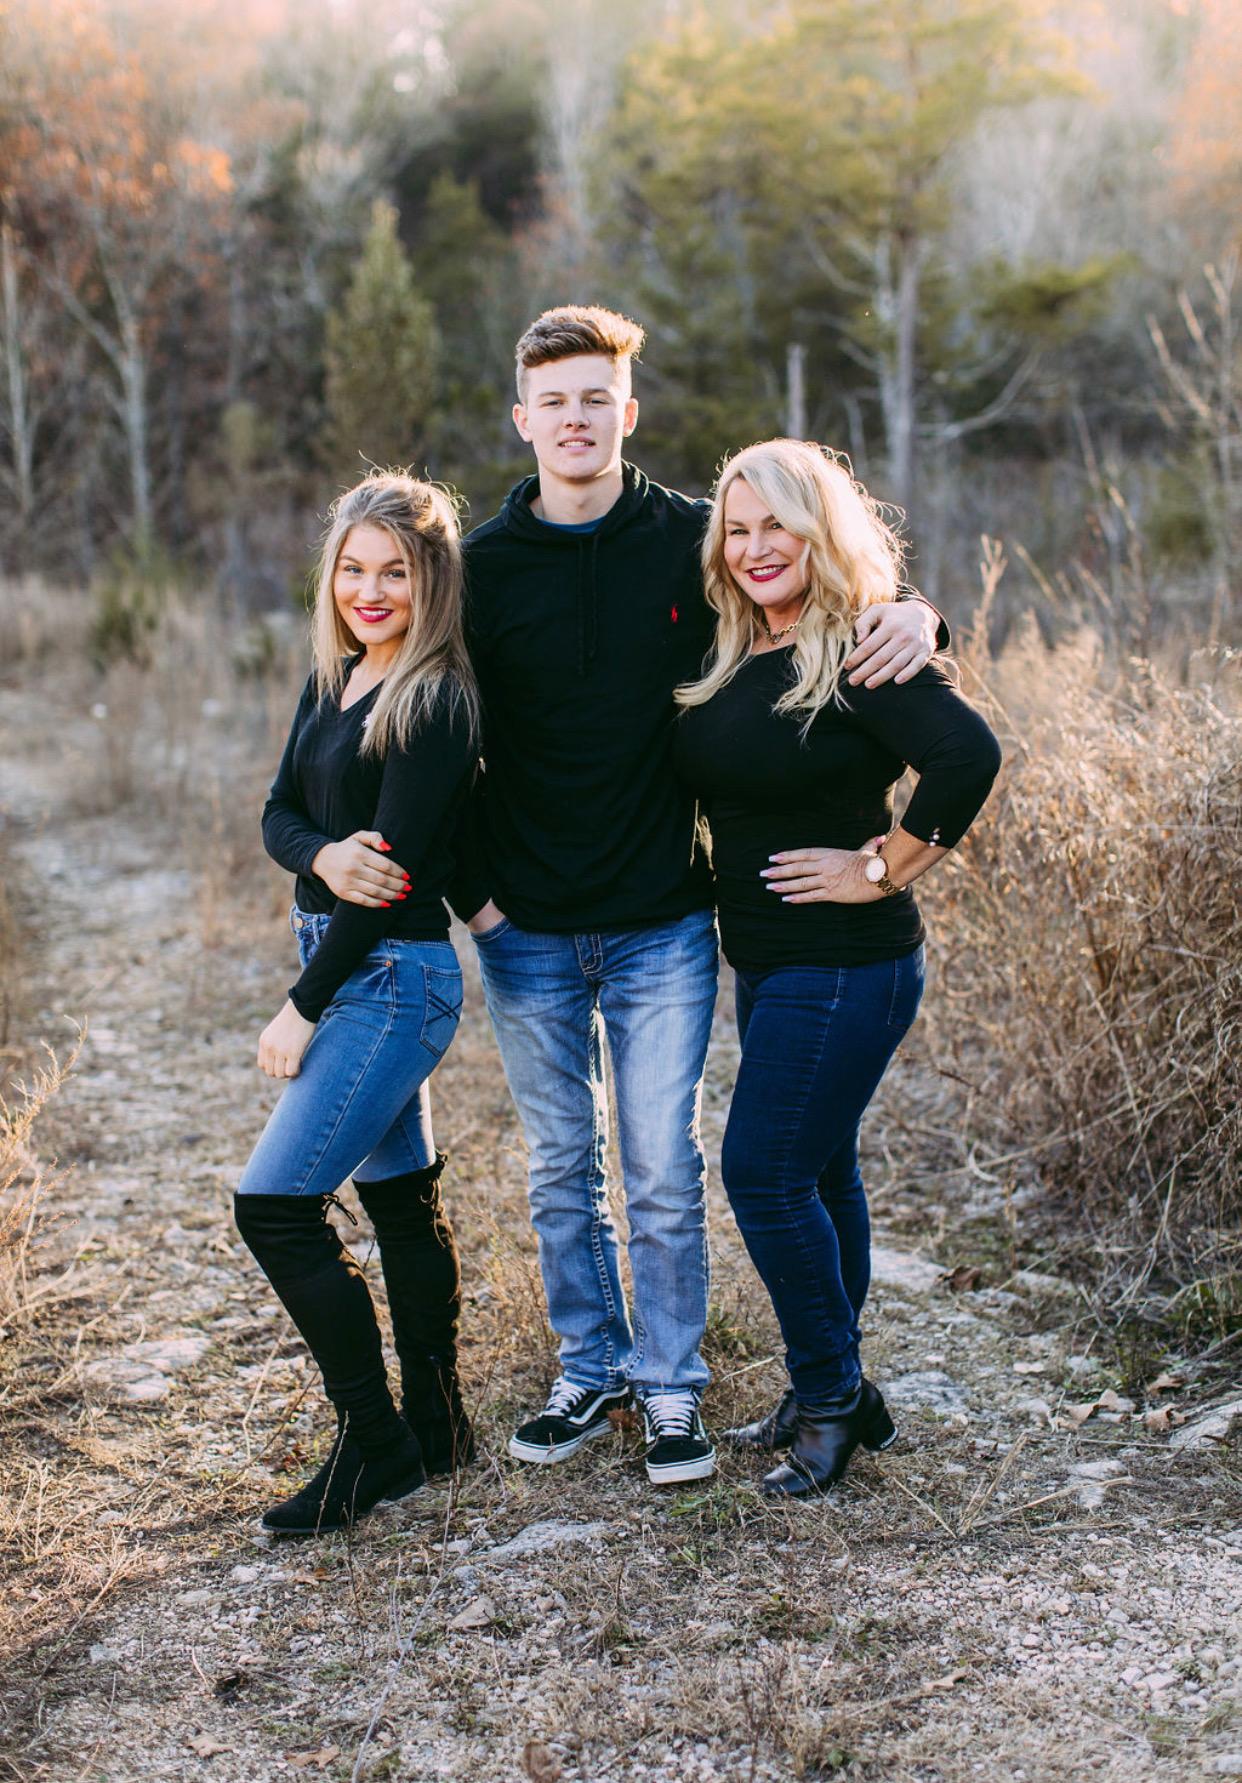 Shay family 2018